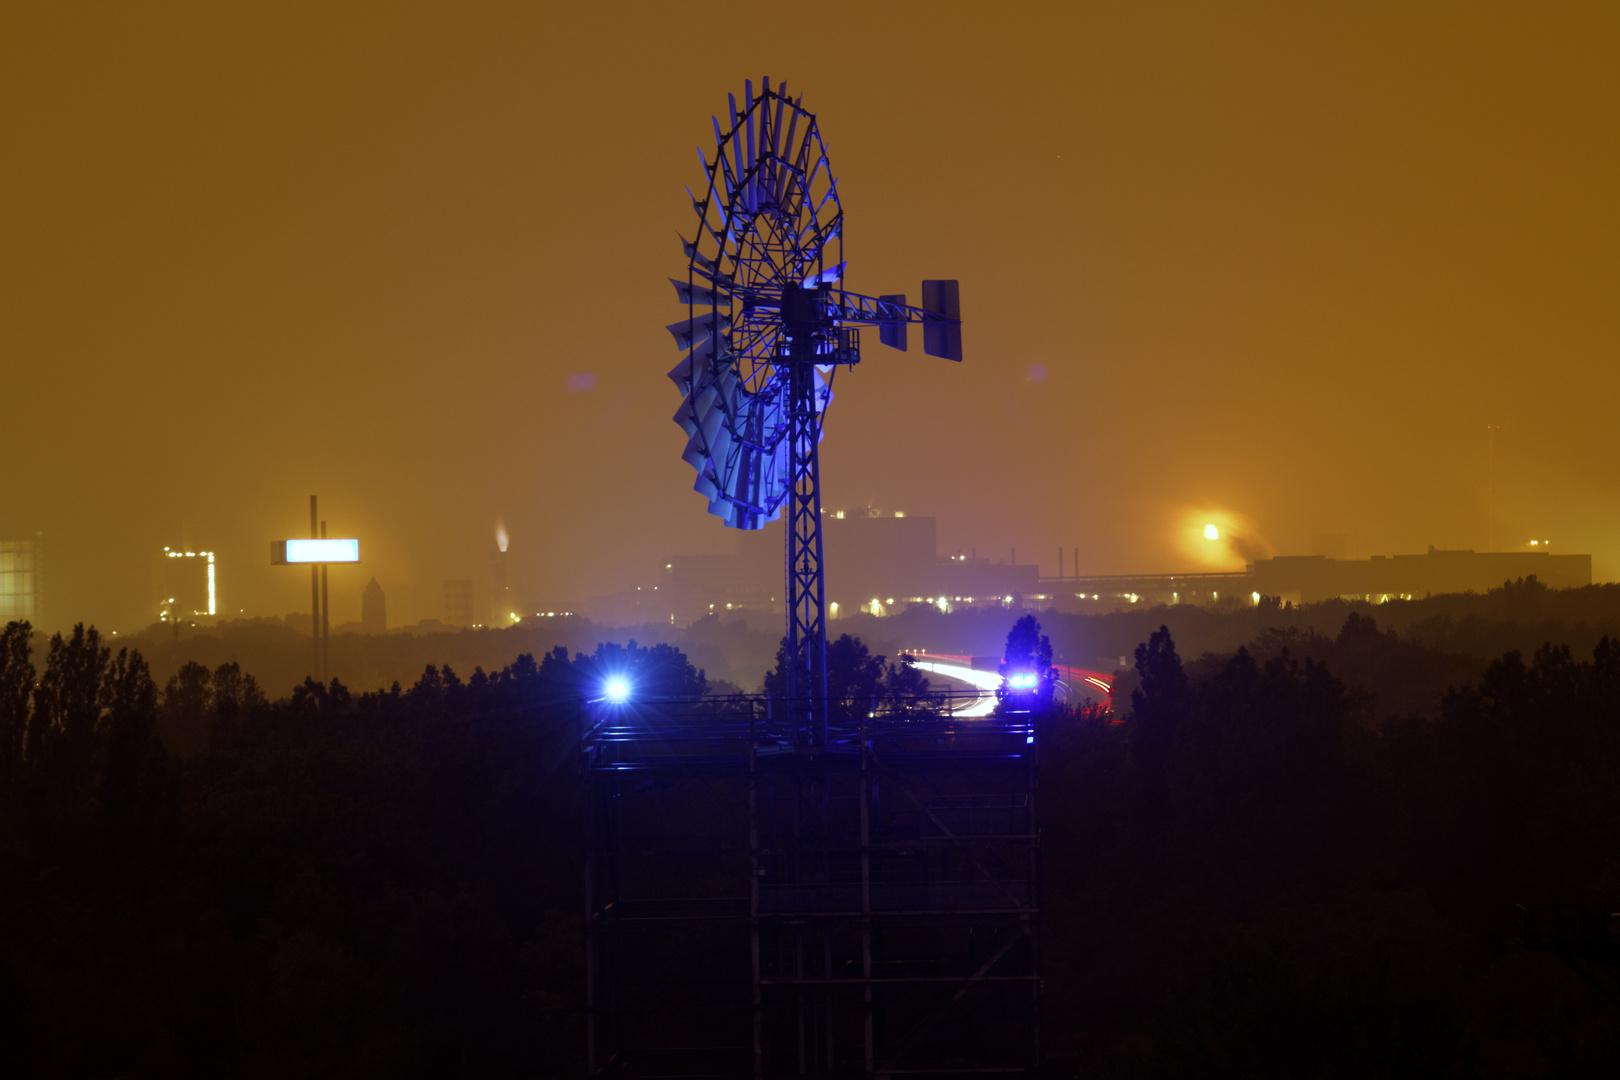 Windrad des Landschaftspark Duisburg bei Nacht